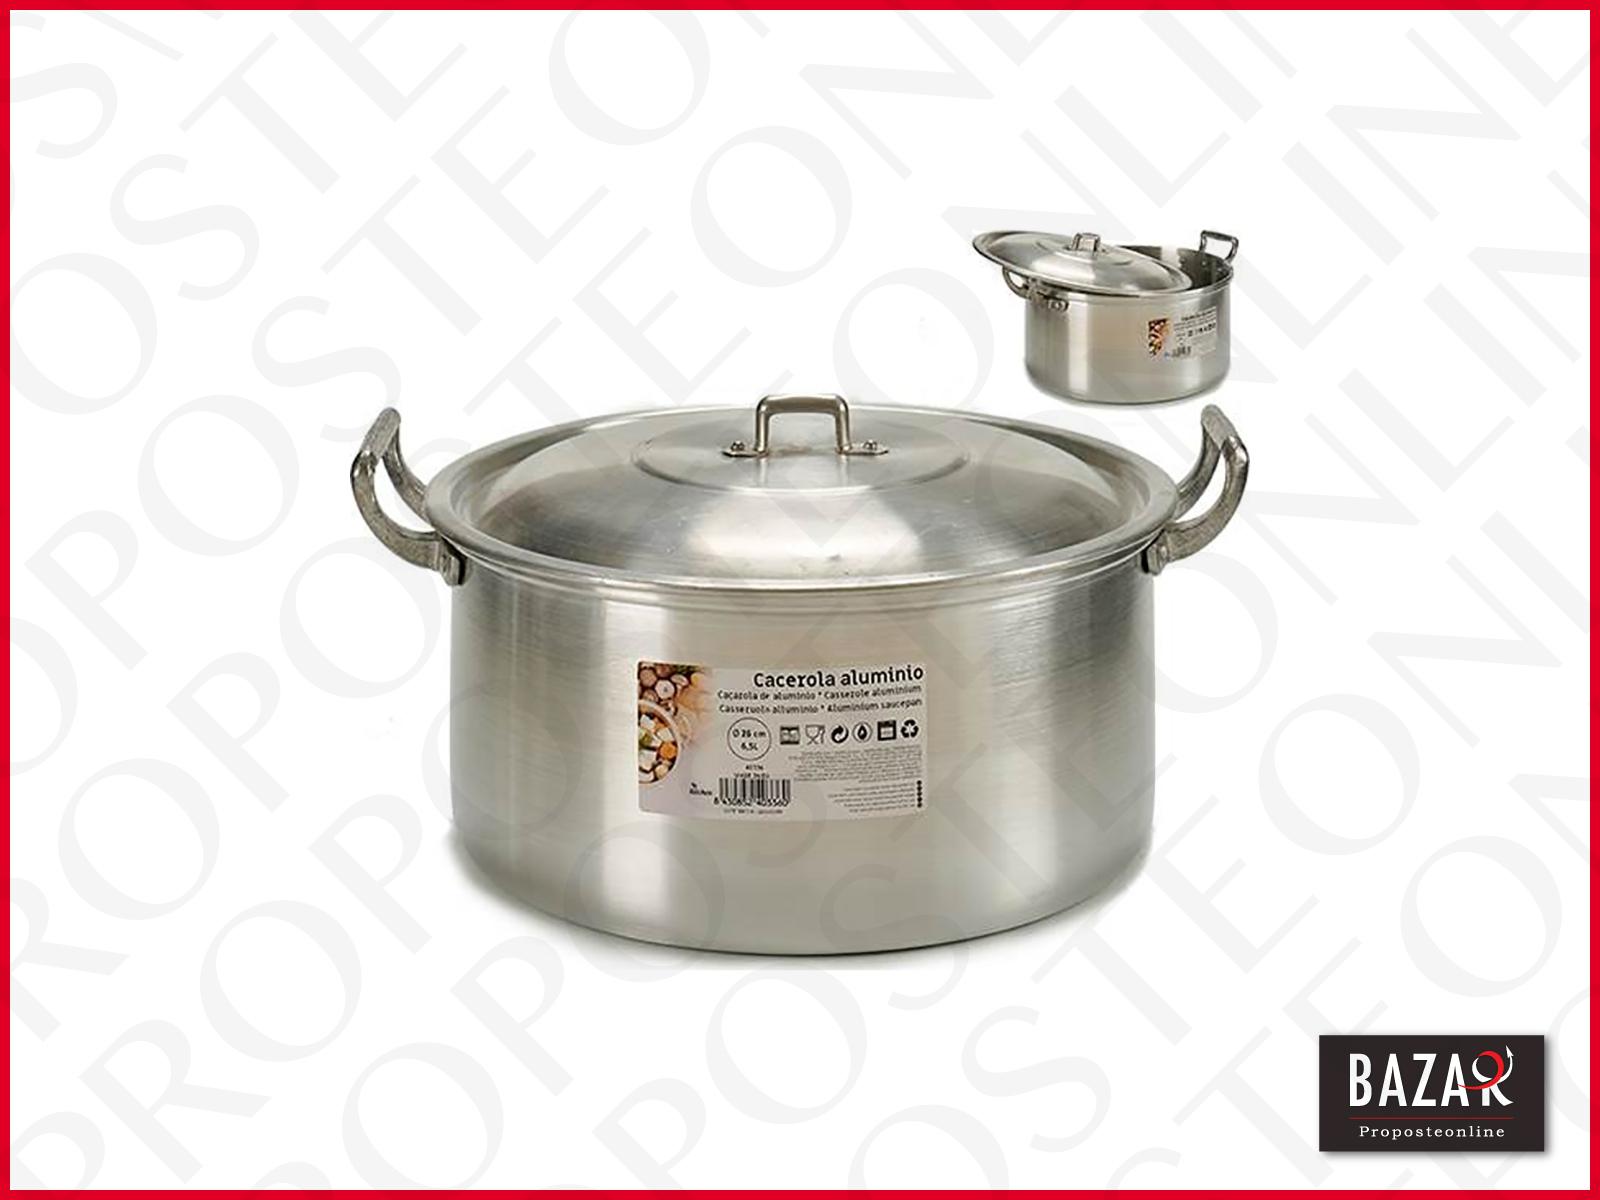 Cacerola aluminio 26cm 6,5L | eBay